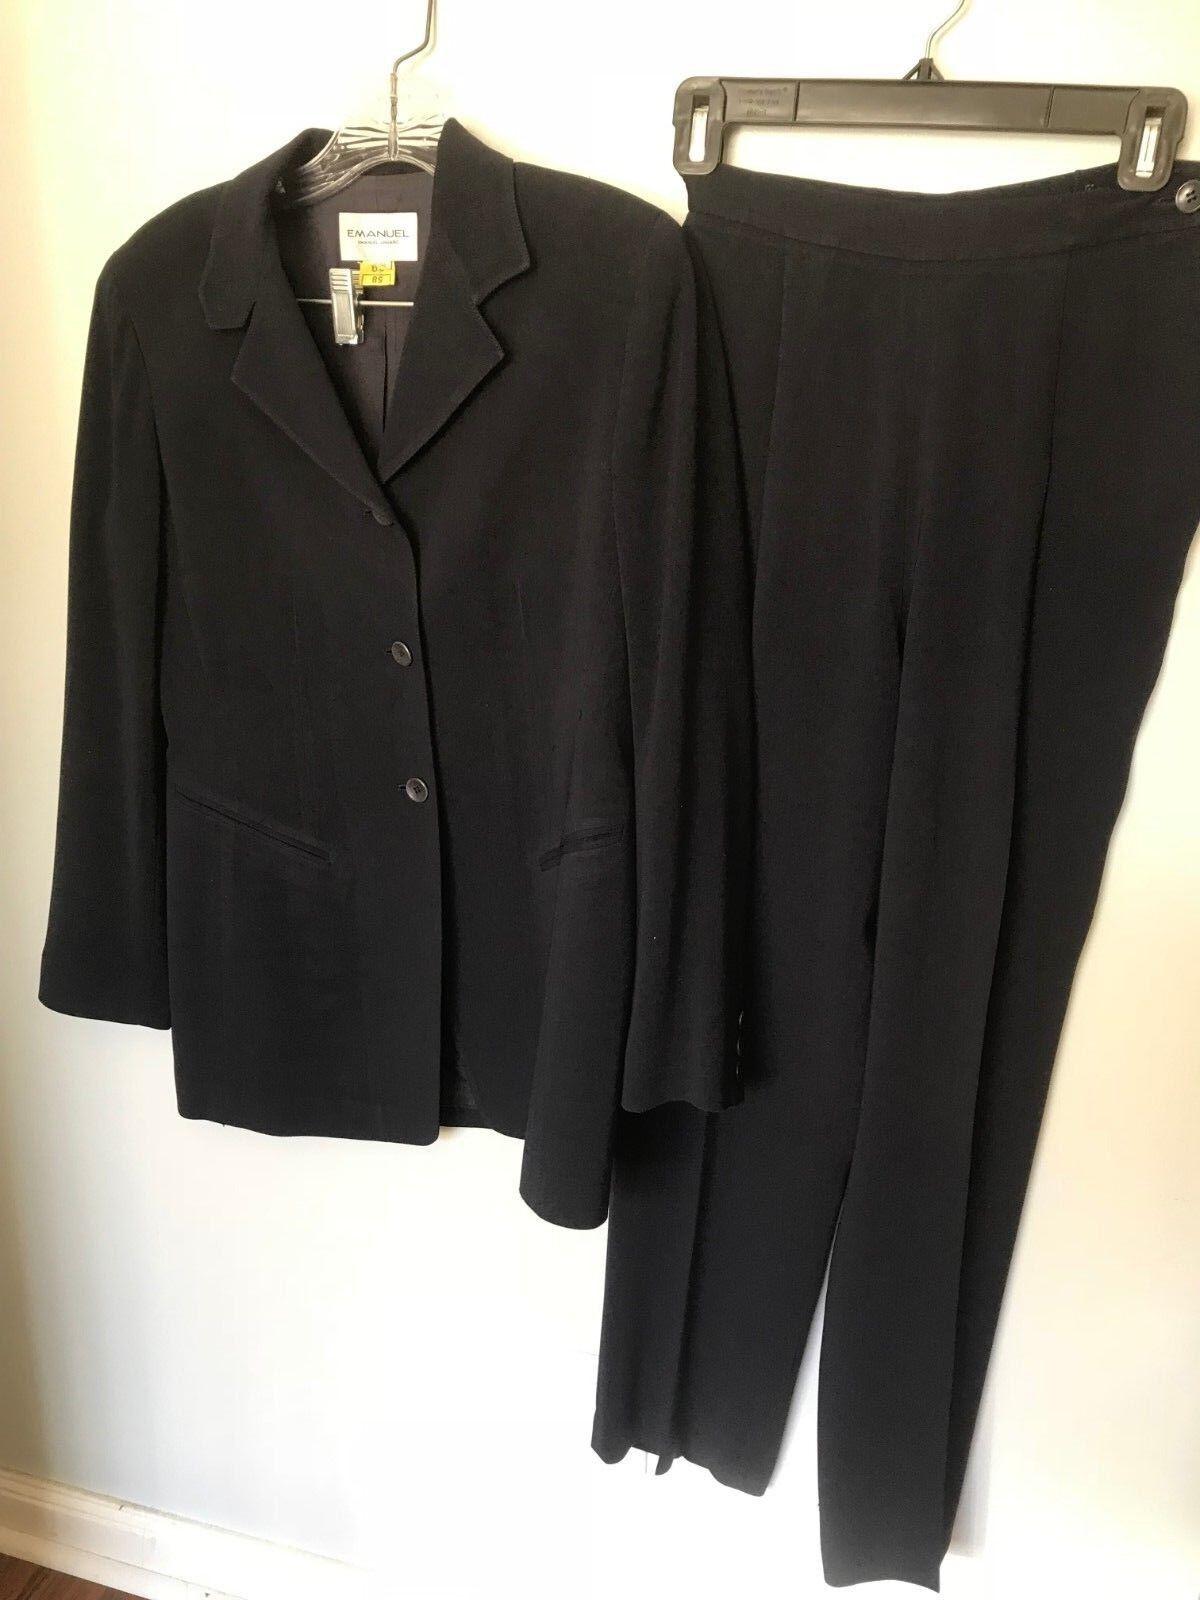 Emanuel Ungaro Navy 3 Button Side Zip Pant Suit - Size 2 36